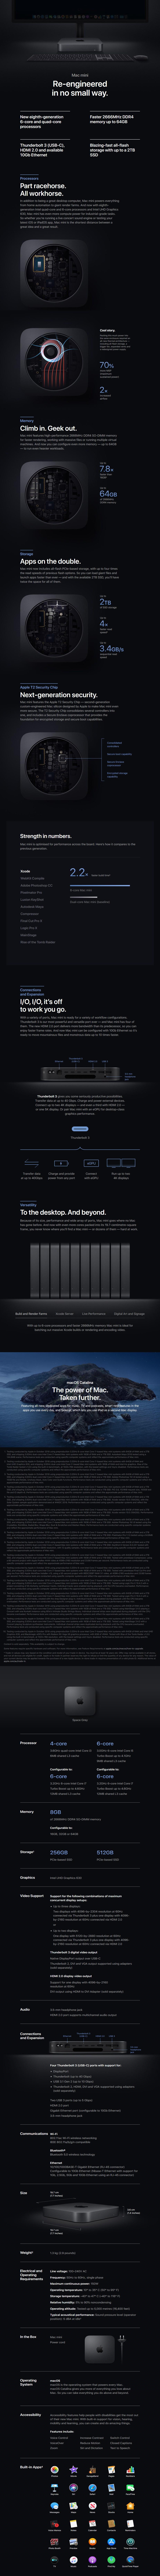 Apple Mac Mini 3.6GHz i3 8GB 256GB SSD MacOS - Overview 1